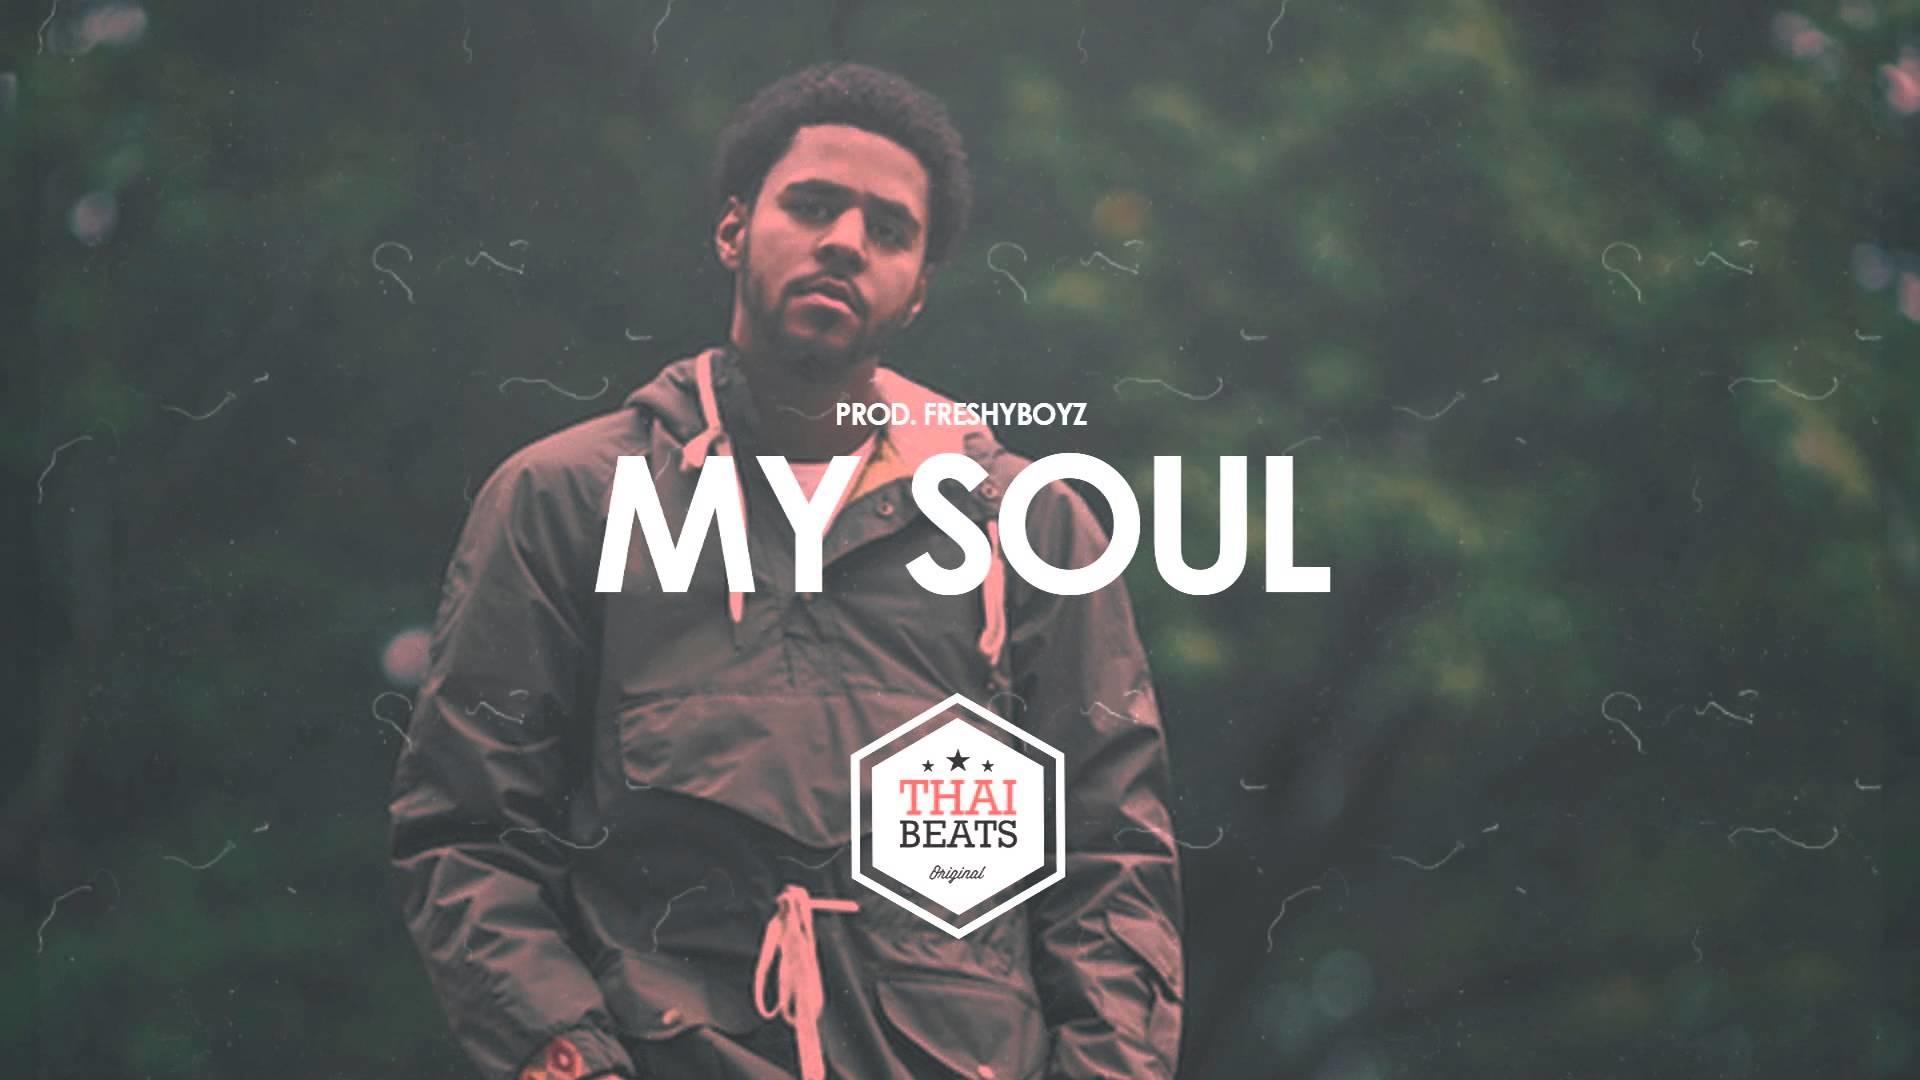 My Soul – Old School Rap Beat Instrumental 2017 (J Cole Type) – YouTube